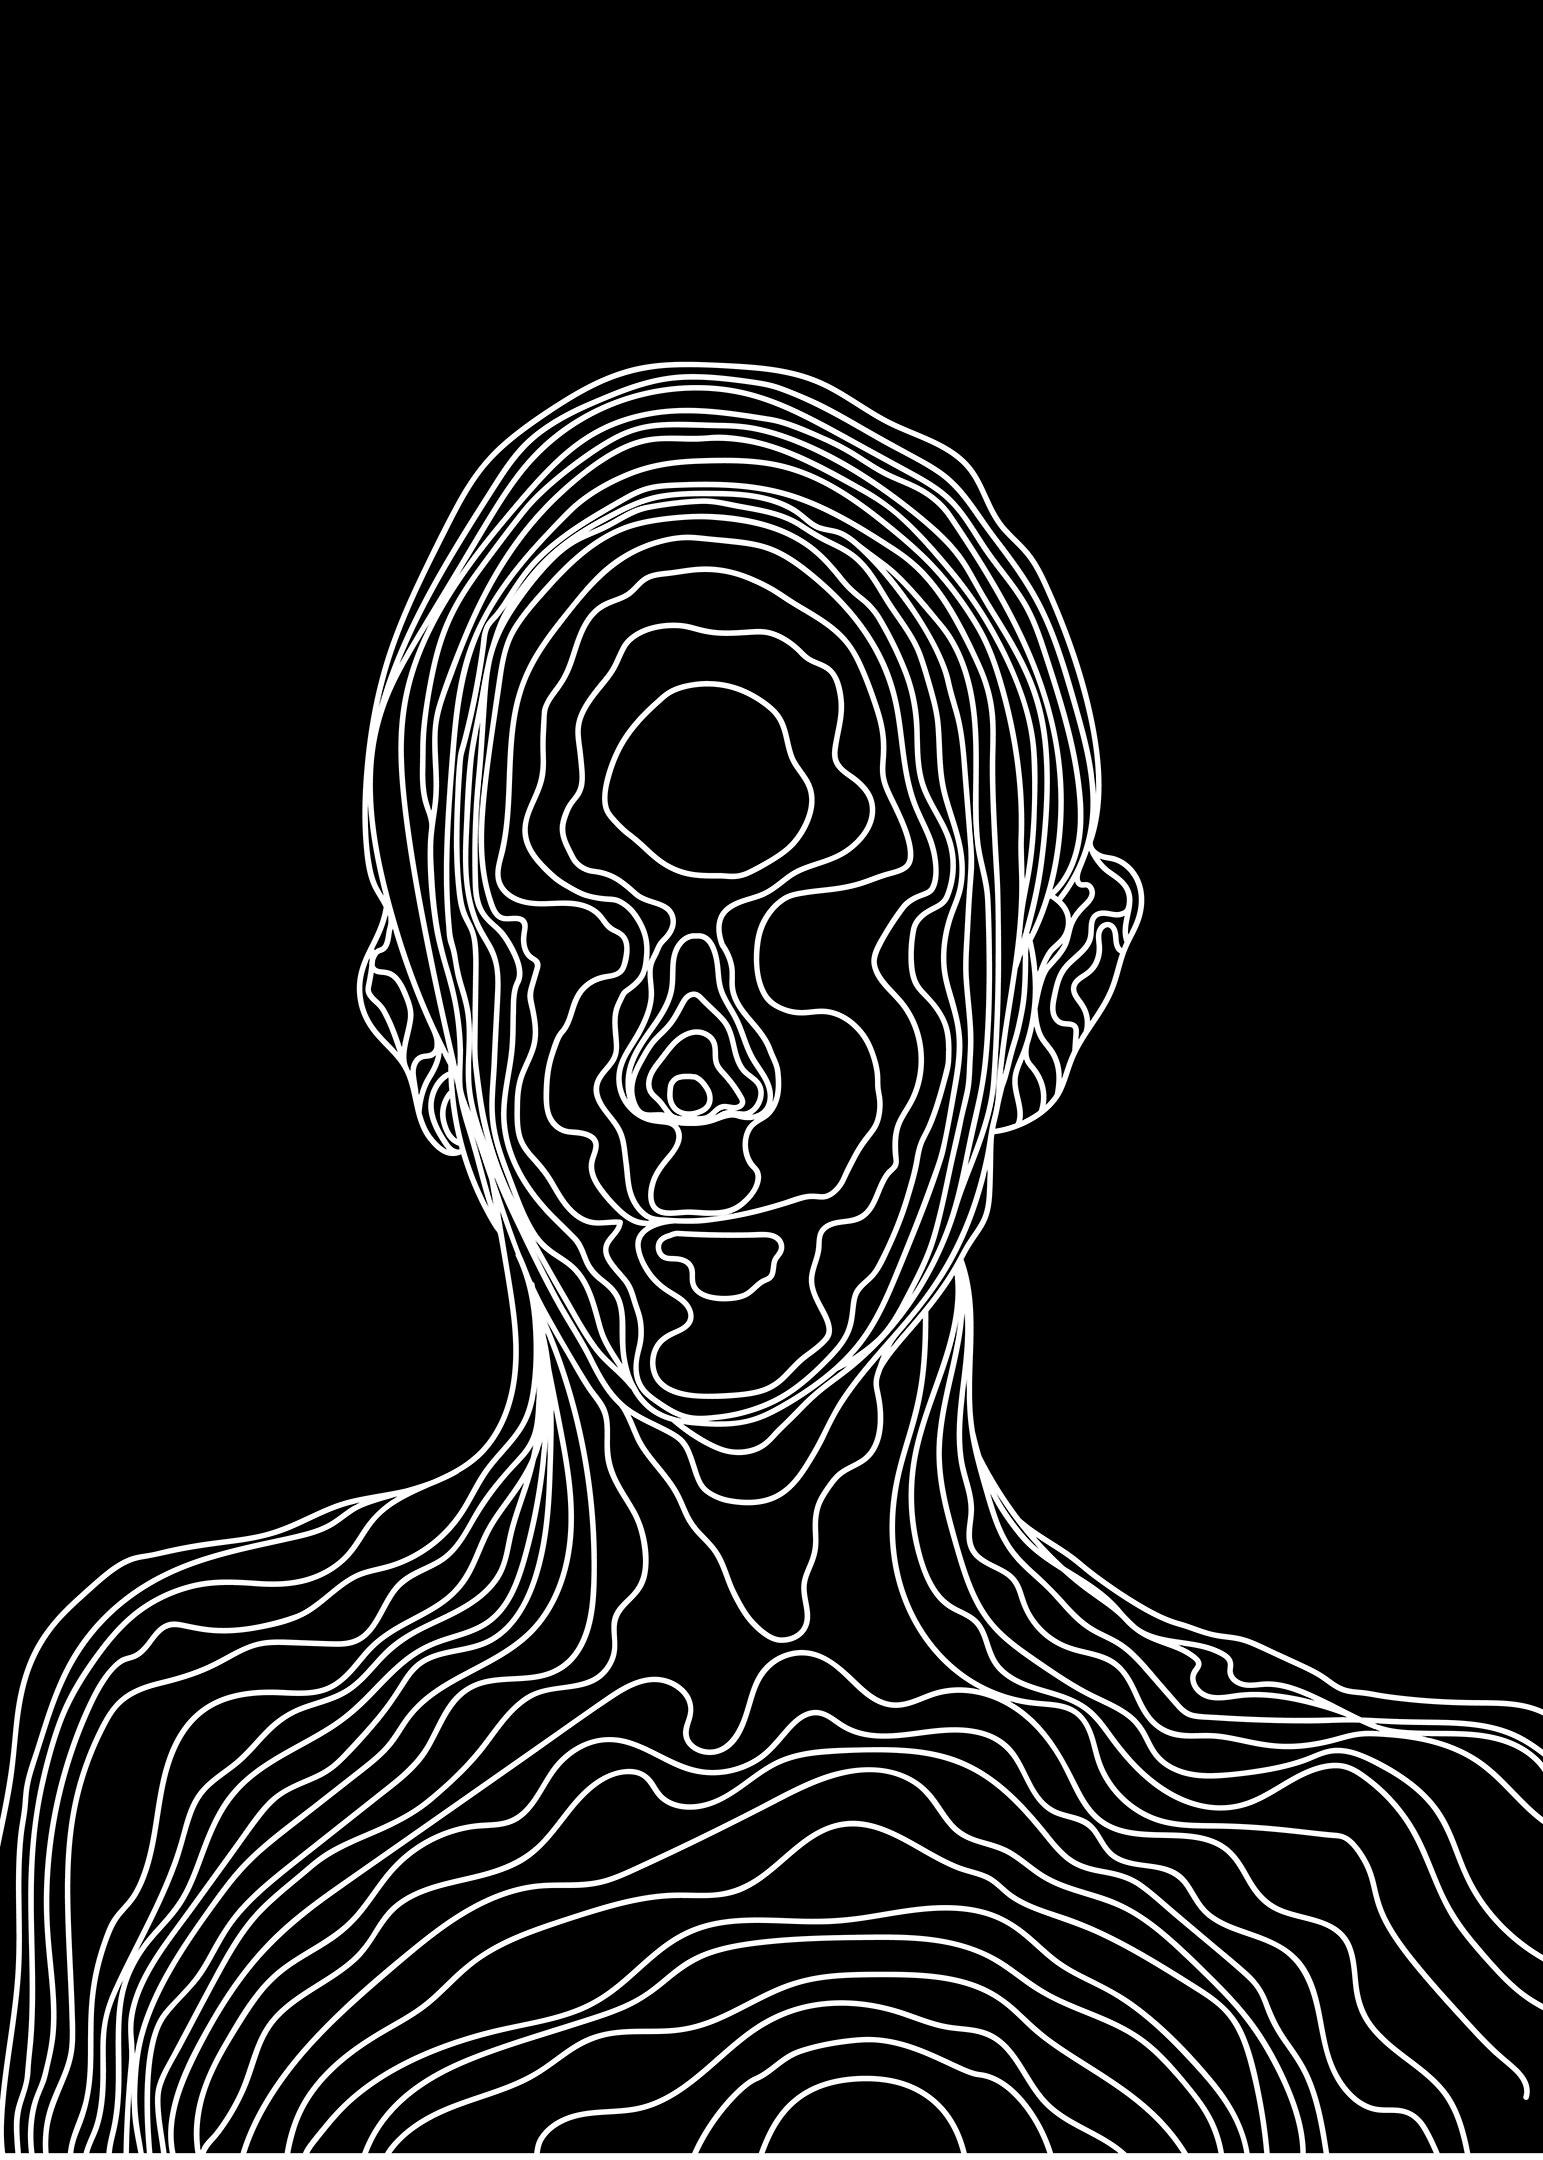 Abstrakt illustration poster